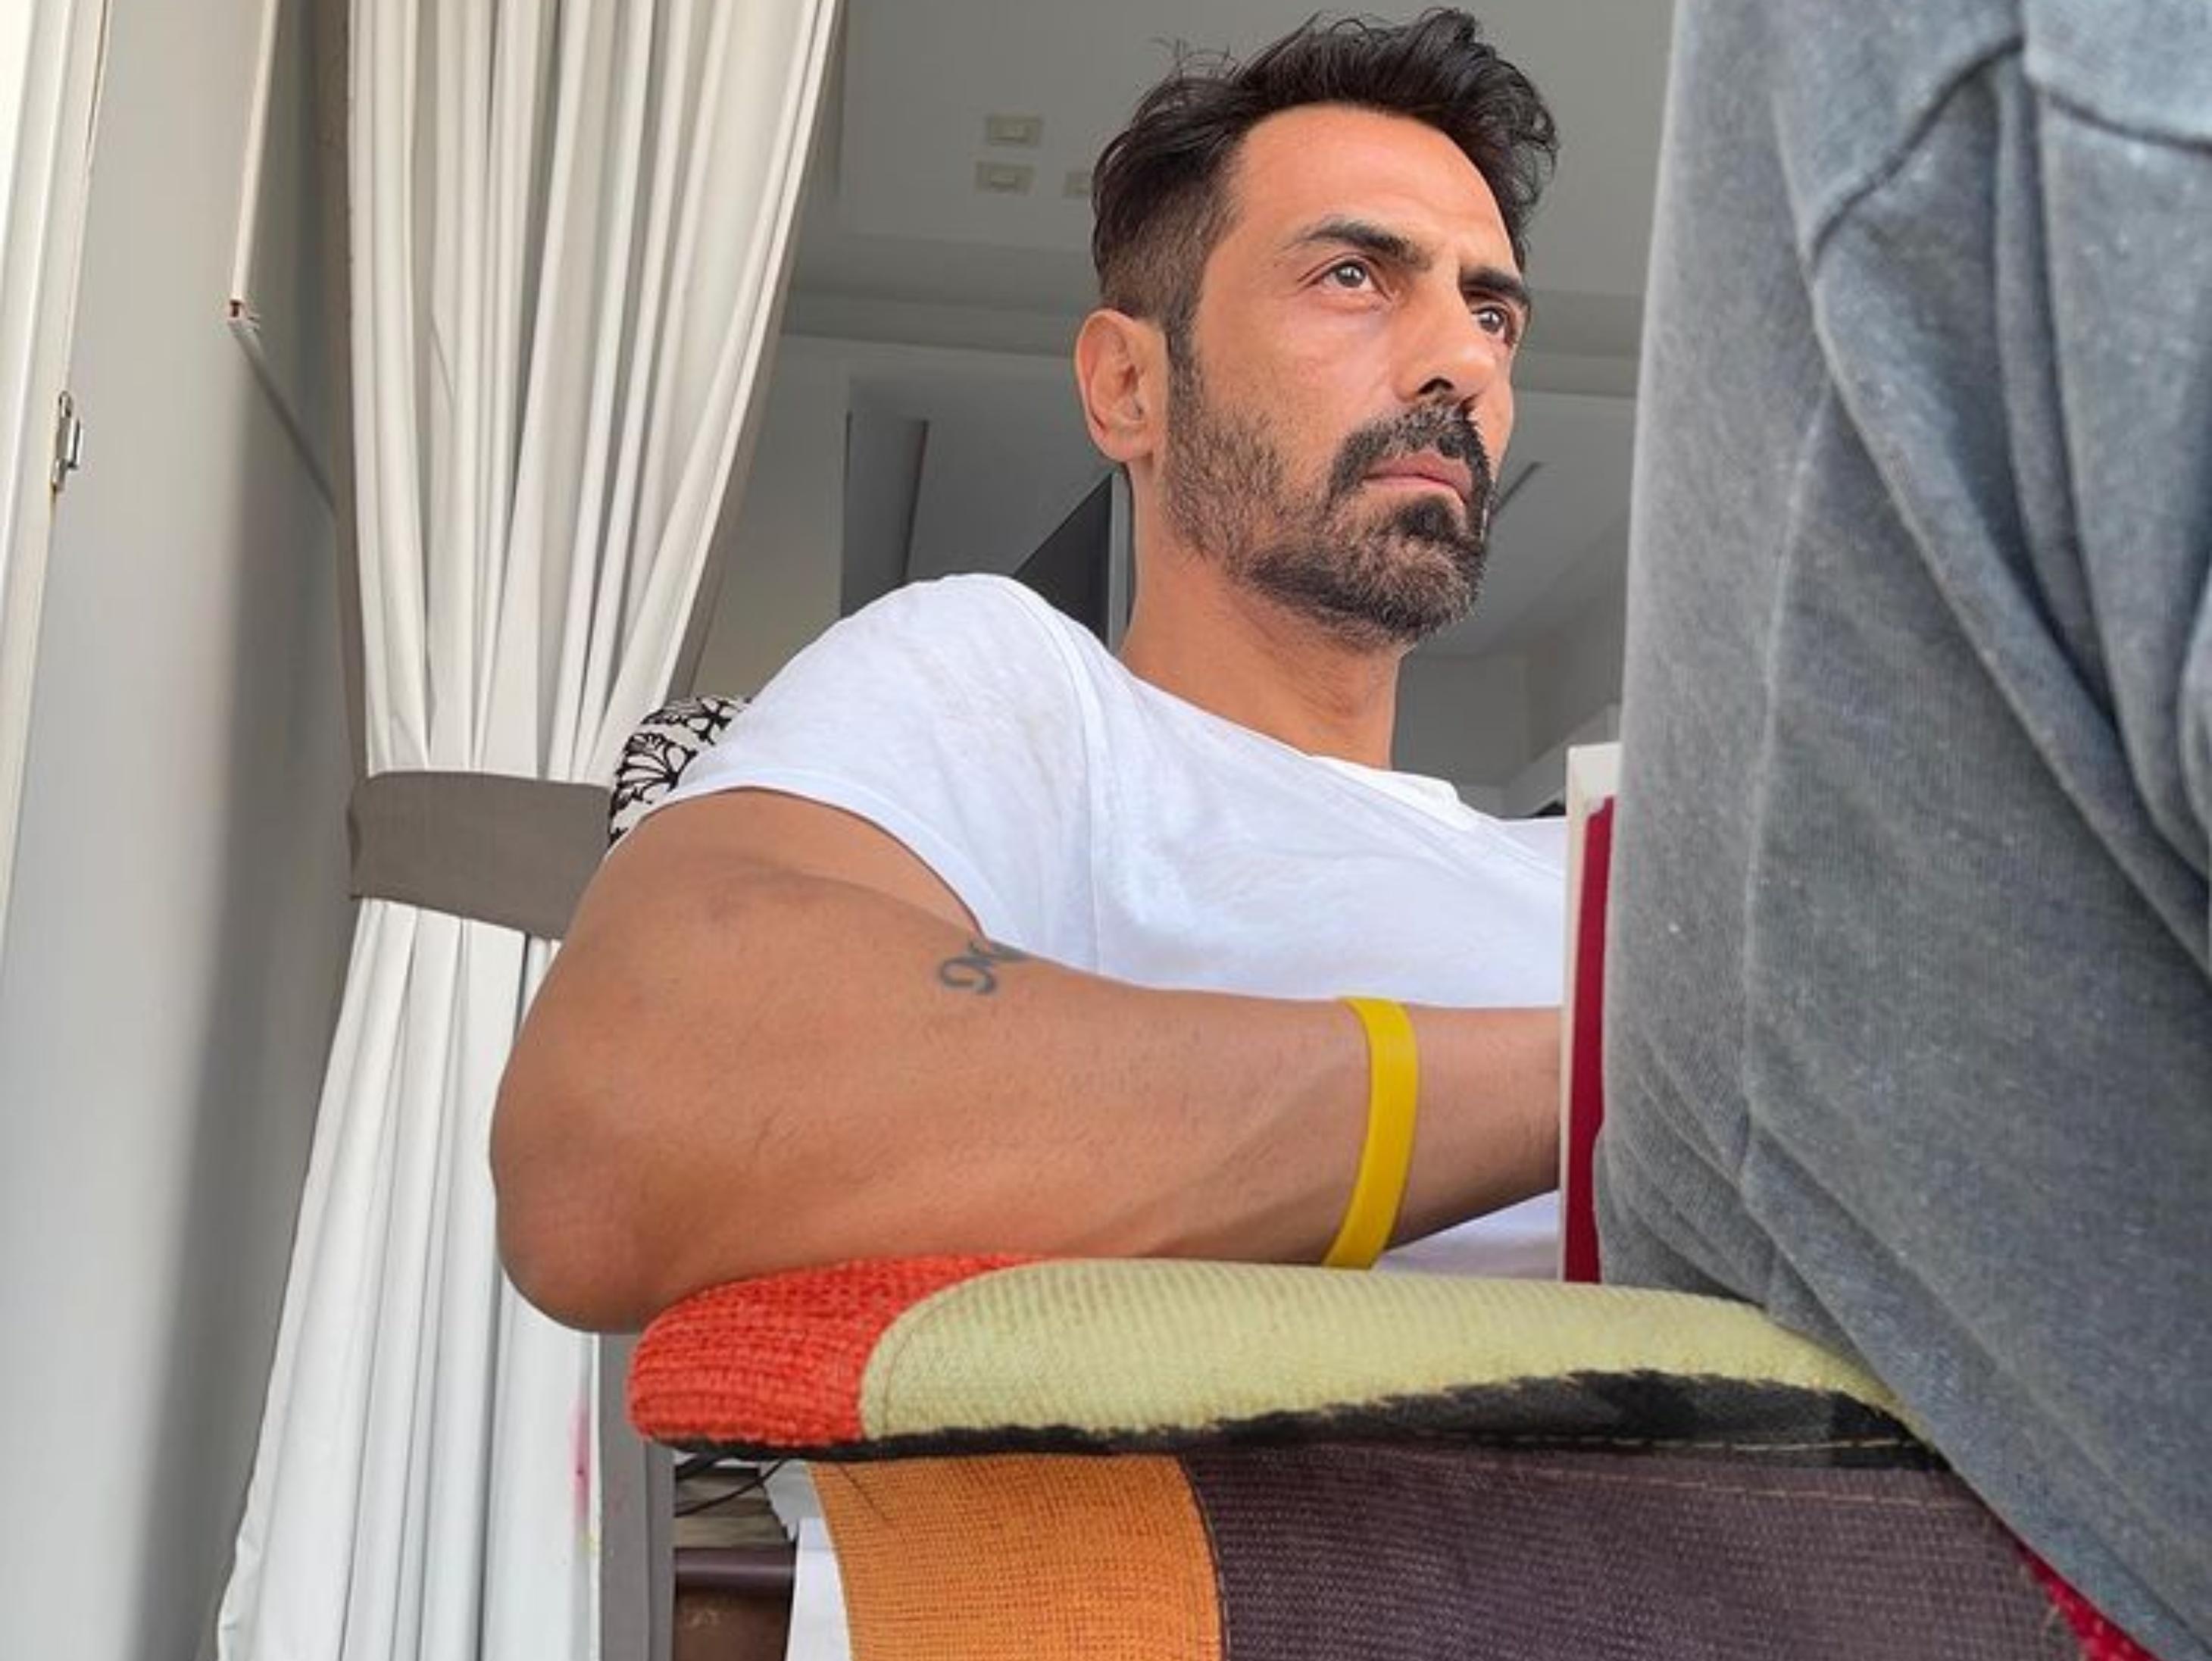 कोरोना से रिकवर हुए अर्जुन रामपाल, सोशल मीडिया पर बताया- वैक्सीन की पहली डोज ने कम किया वायरस का लोड|बॉलीवुड,Bollywood - Dainik Bhaskar